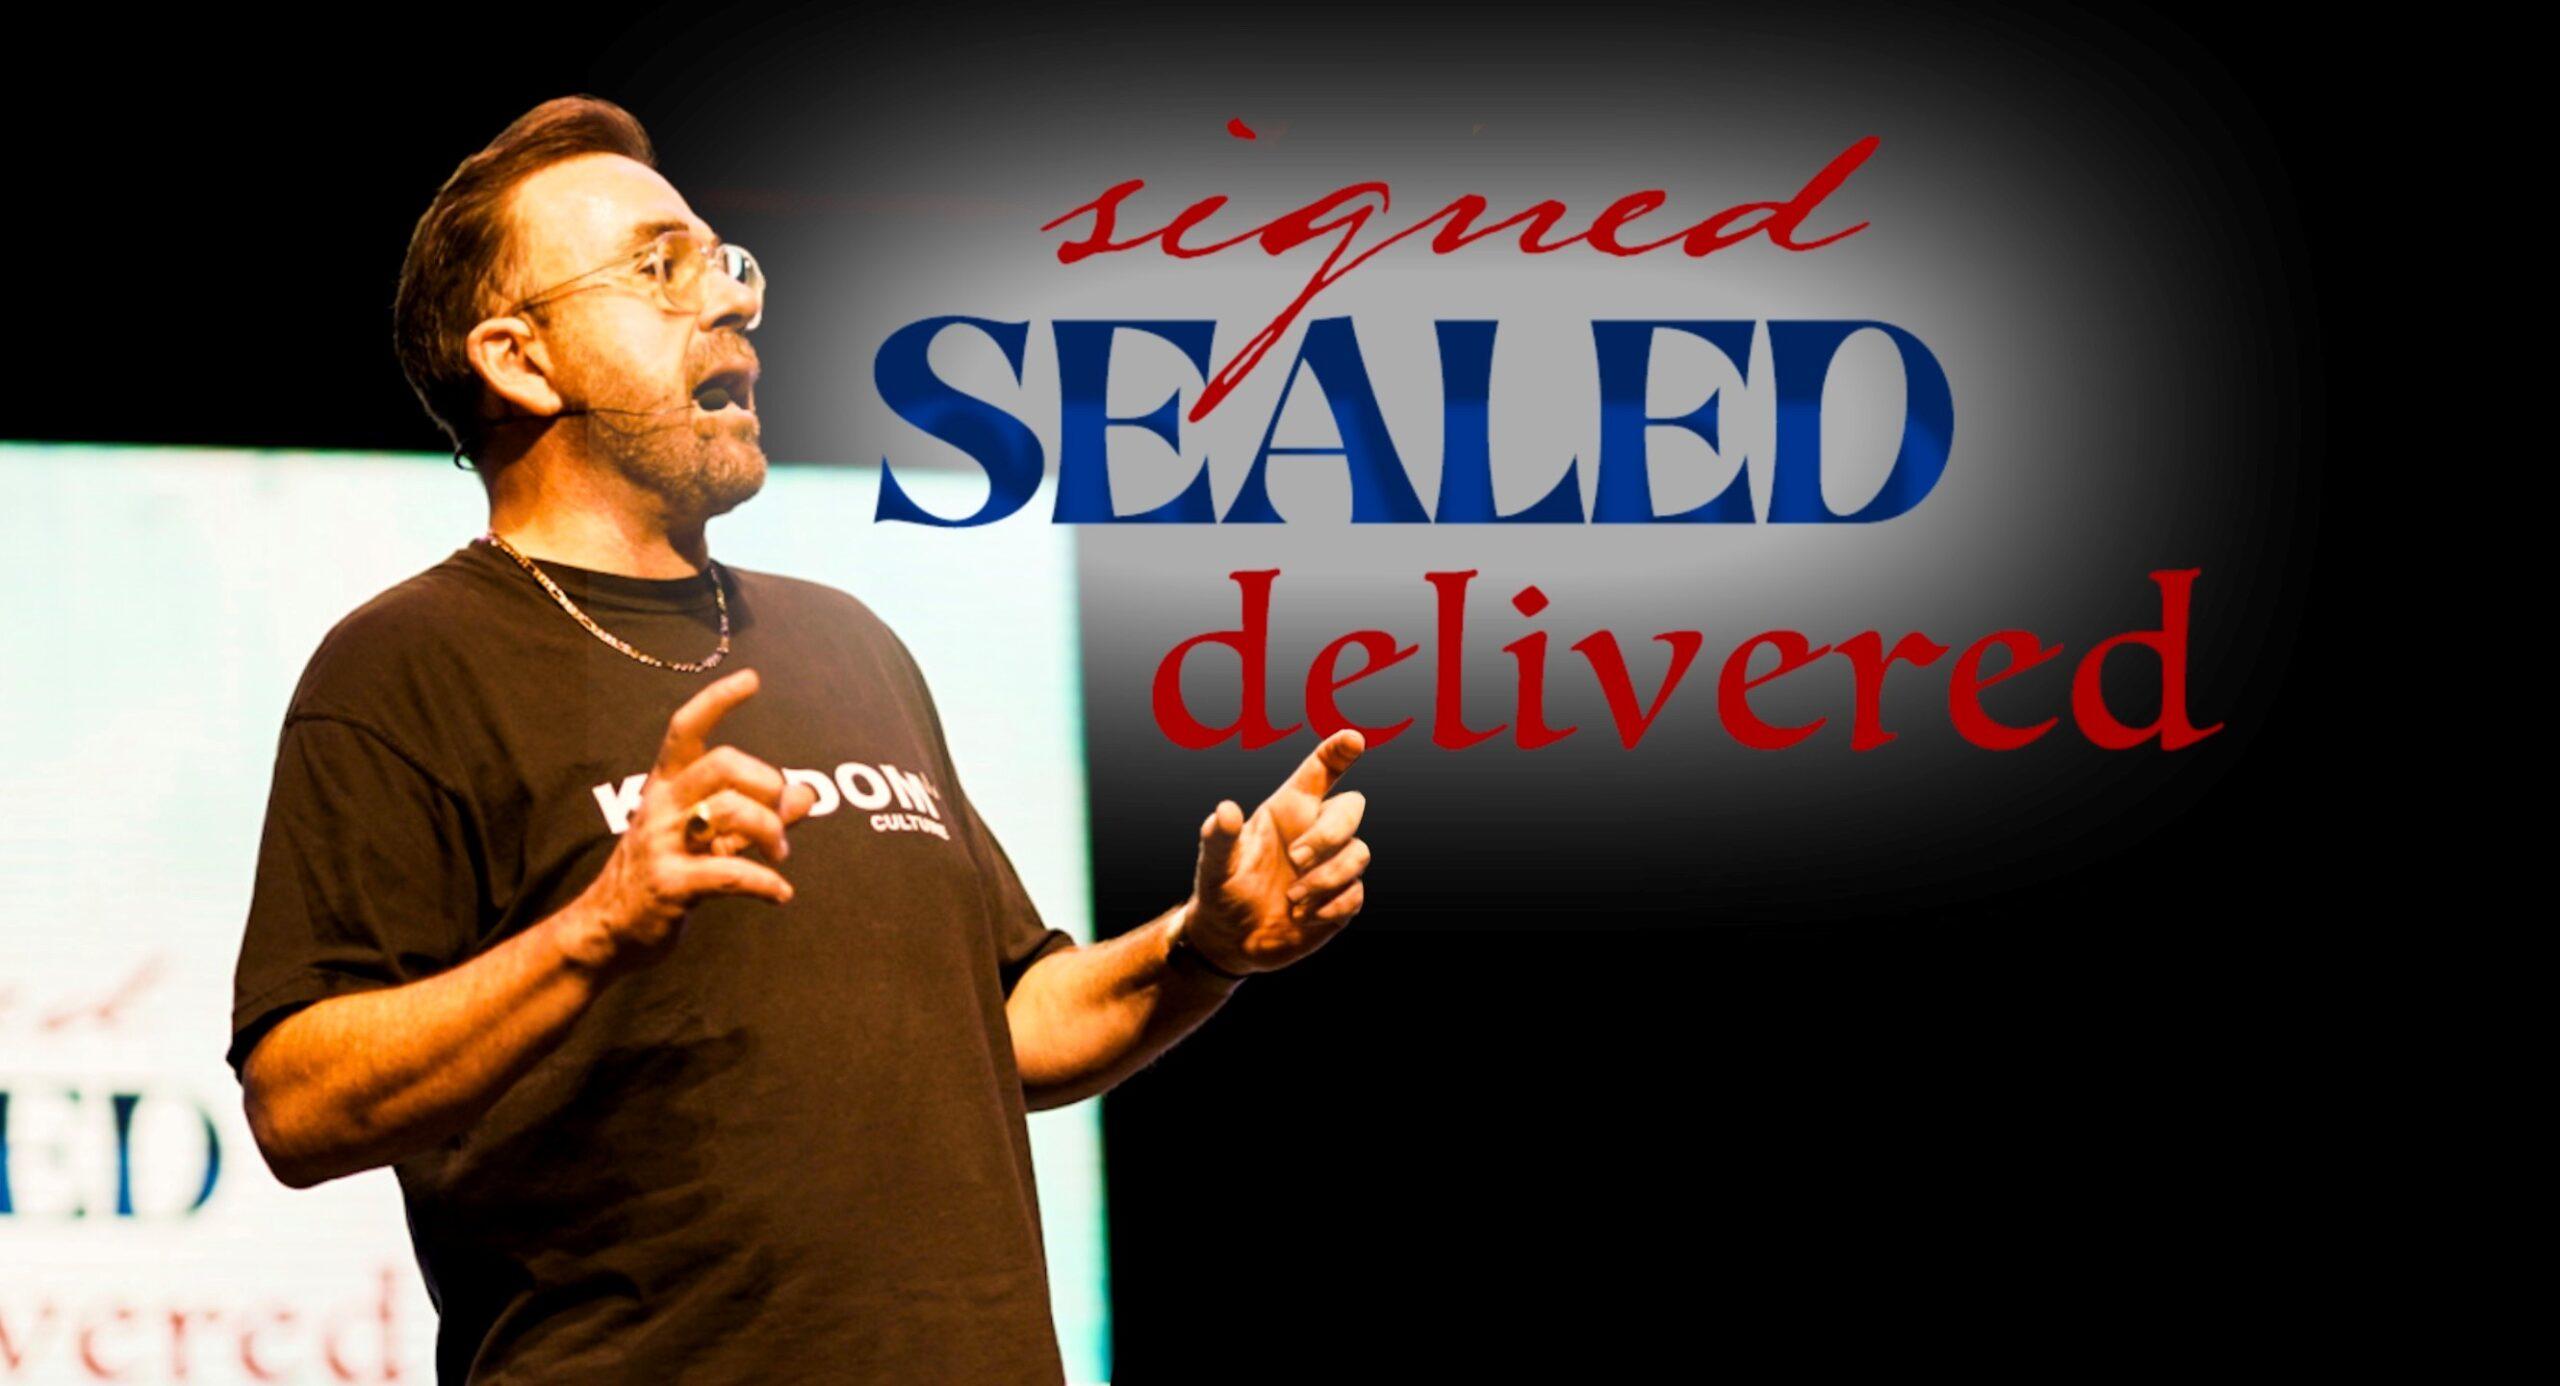 Signed, Sealed, Delivered | Jim Raley